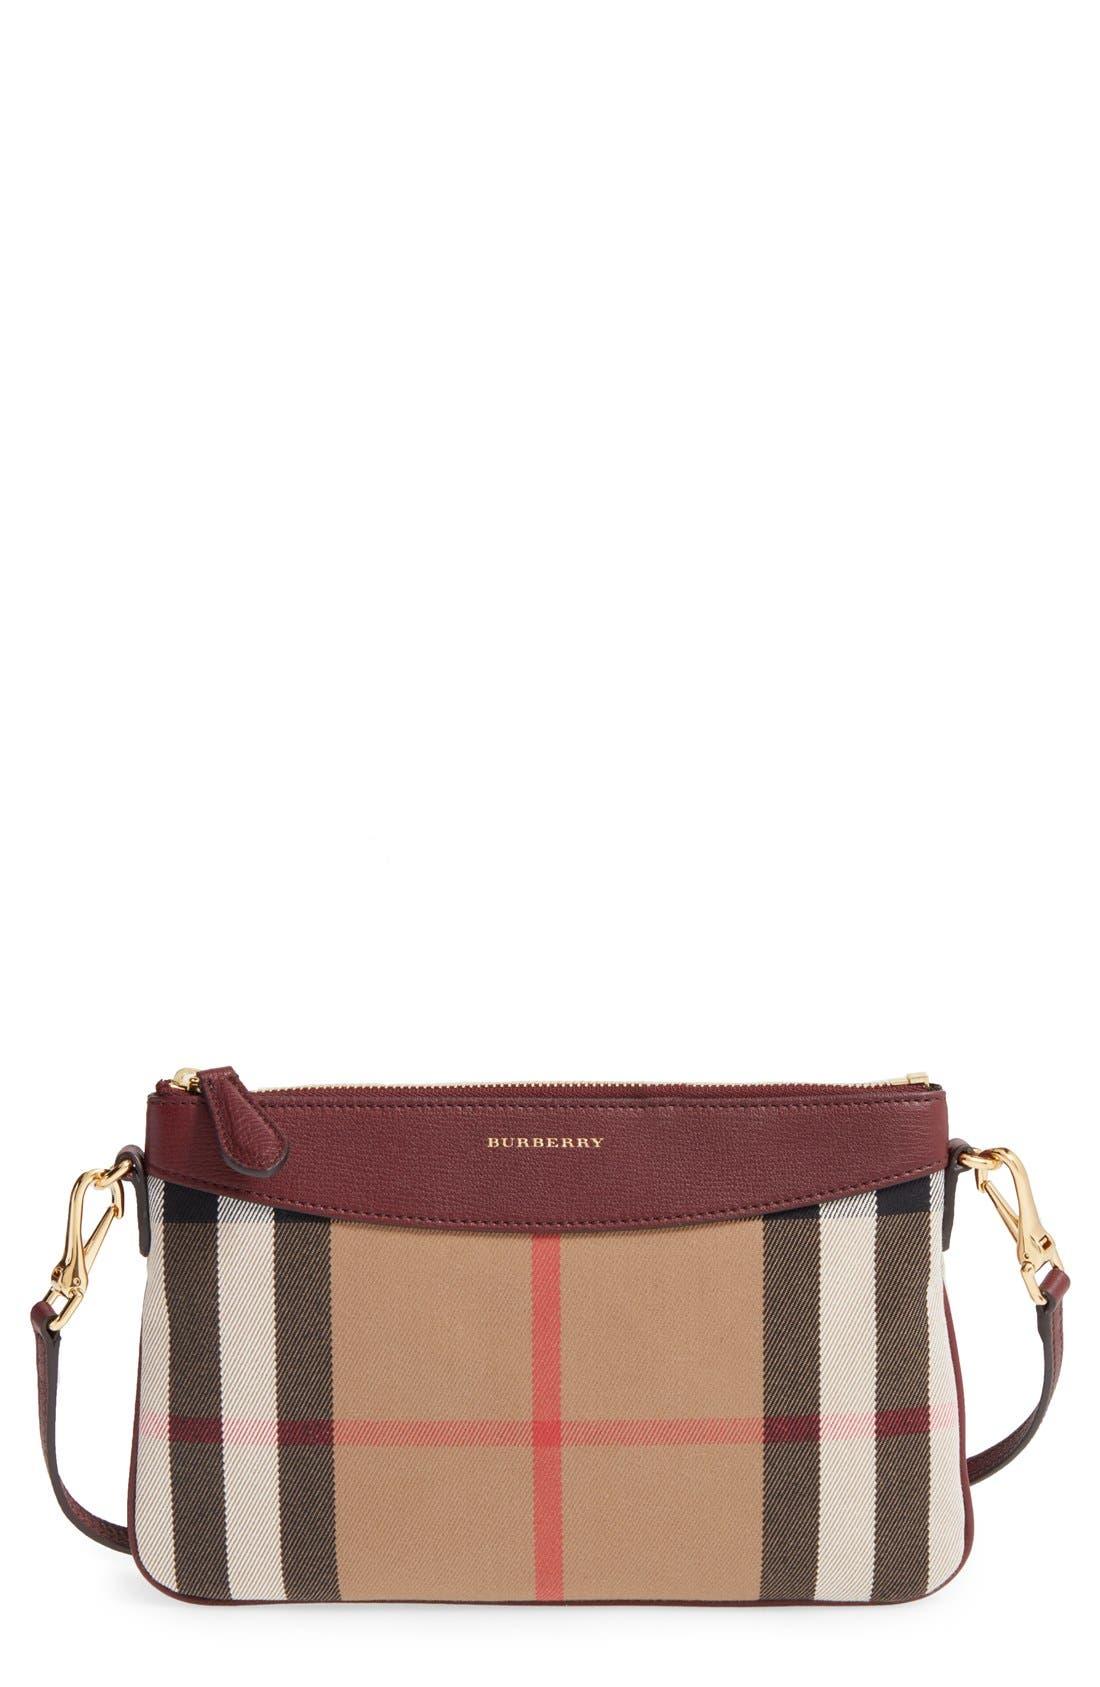 'Peyton - House Check' Crossbody Bag,                             Main thumbnail 1, color,                             Mahogany Red